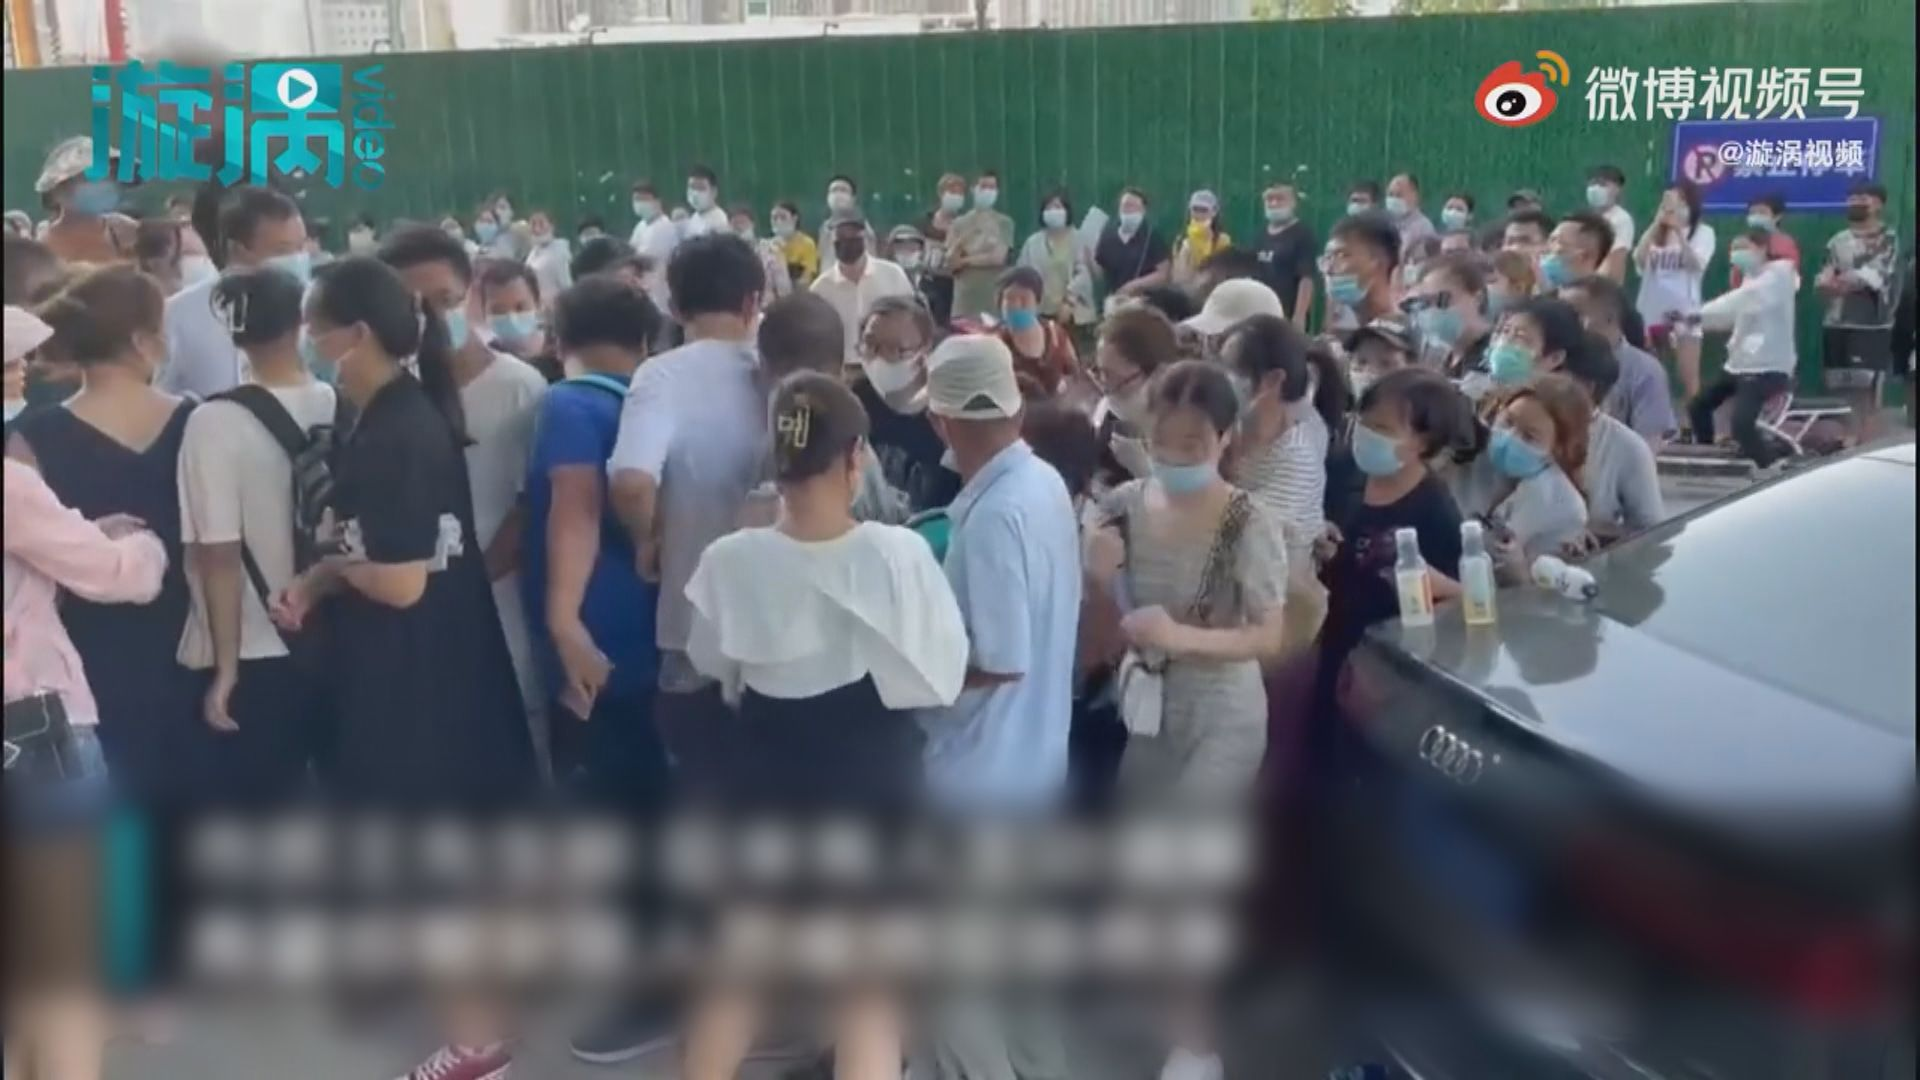 鄭州一社區列高風險 離開鄭州需持核酸檢測陰性證明